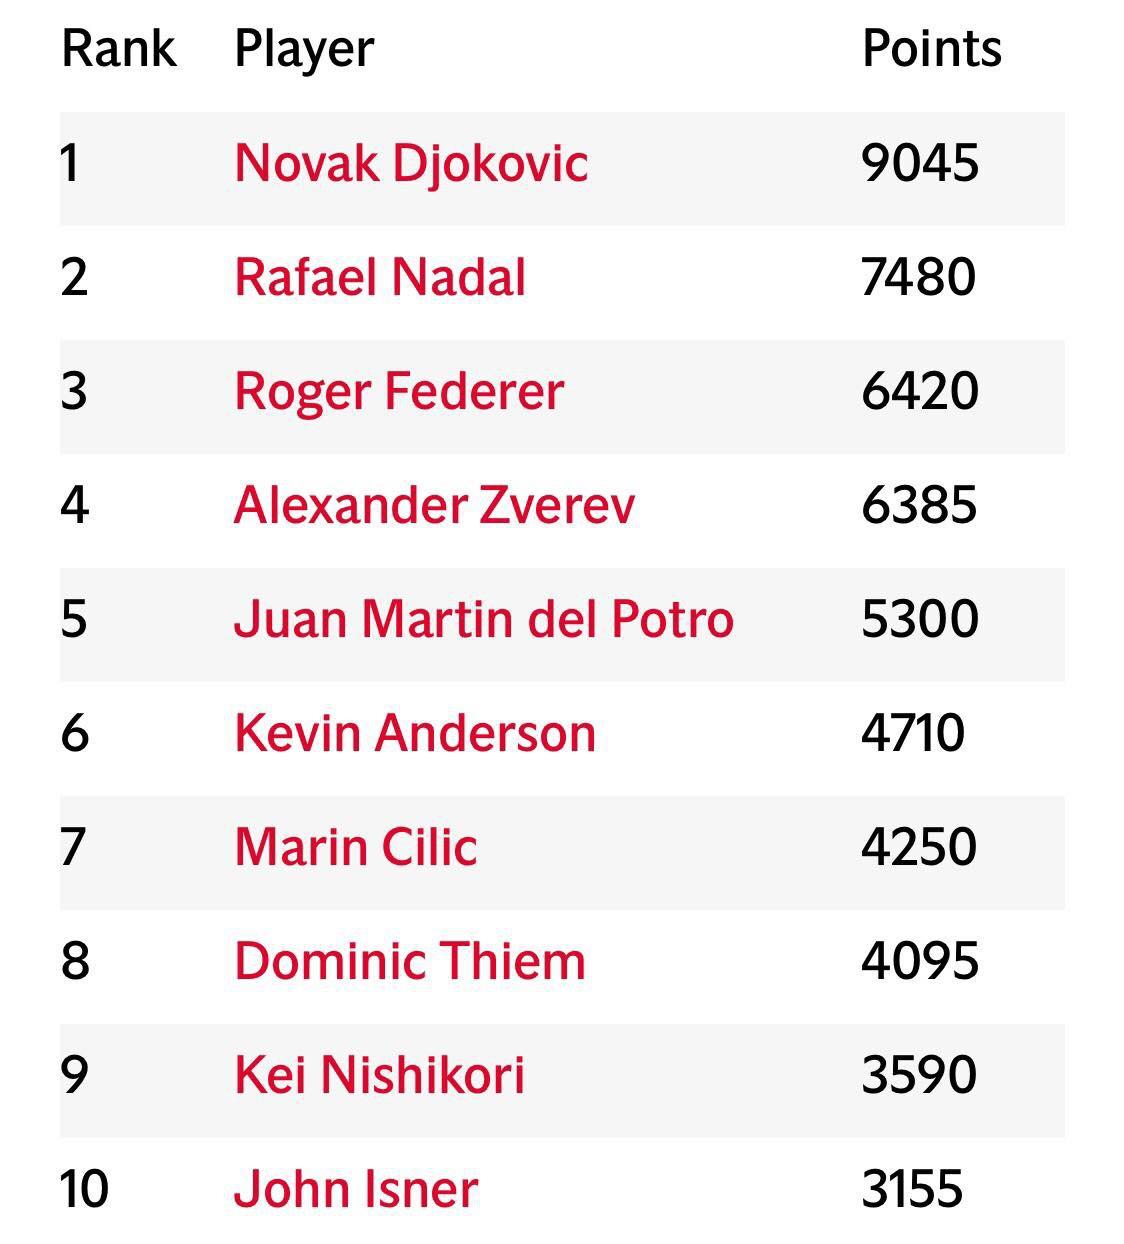 Công bố BXH ATP và WTA cuối năm 2018: Djokovic, Federer nối dài chuỗi kỉ lục - Ảnh 1.